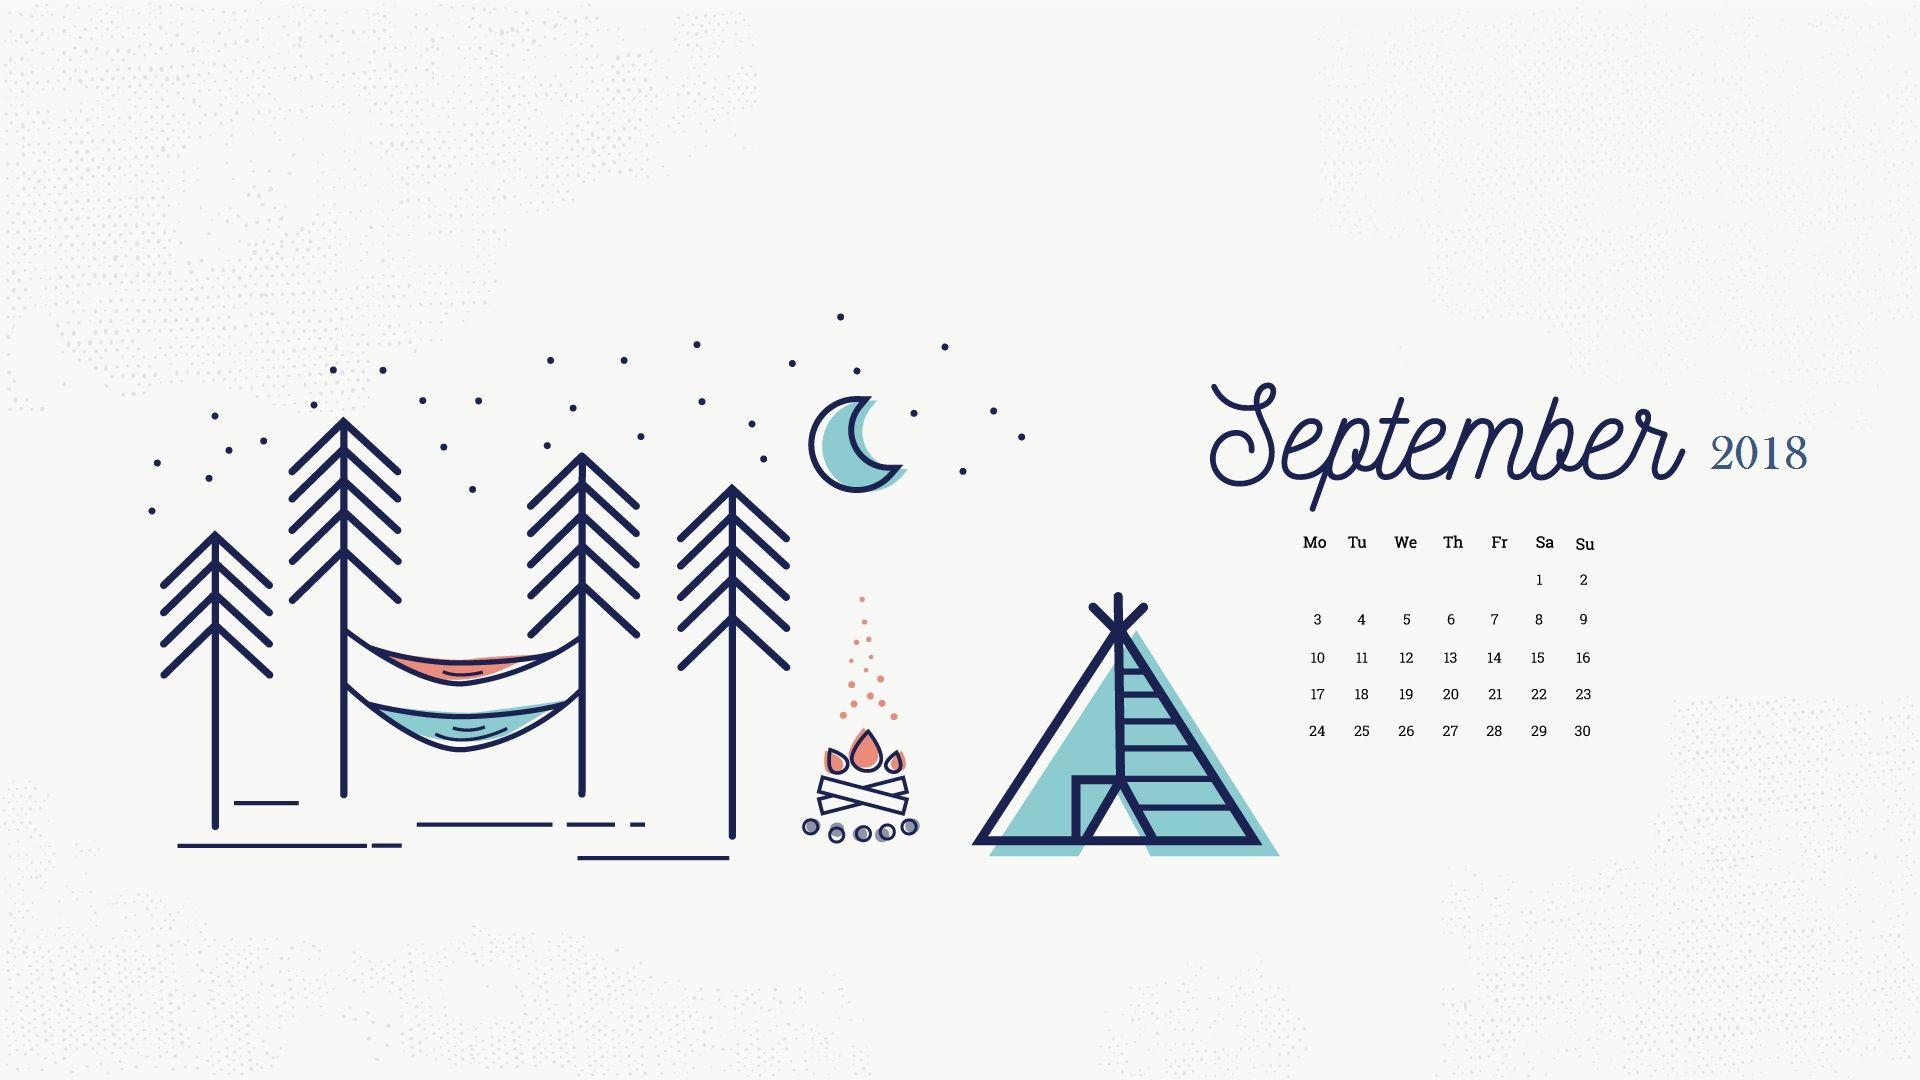 Desktop Calendar Wallpaper Creator : September 2018 desktop calendar 2018 calendars pinterest